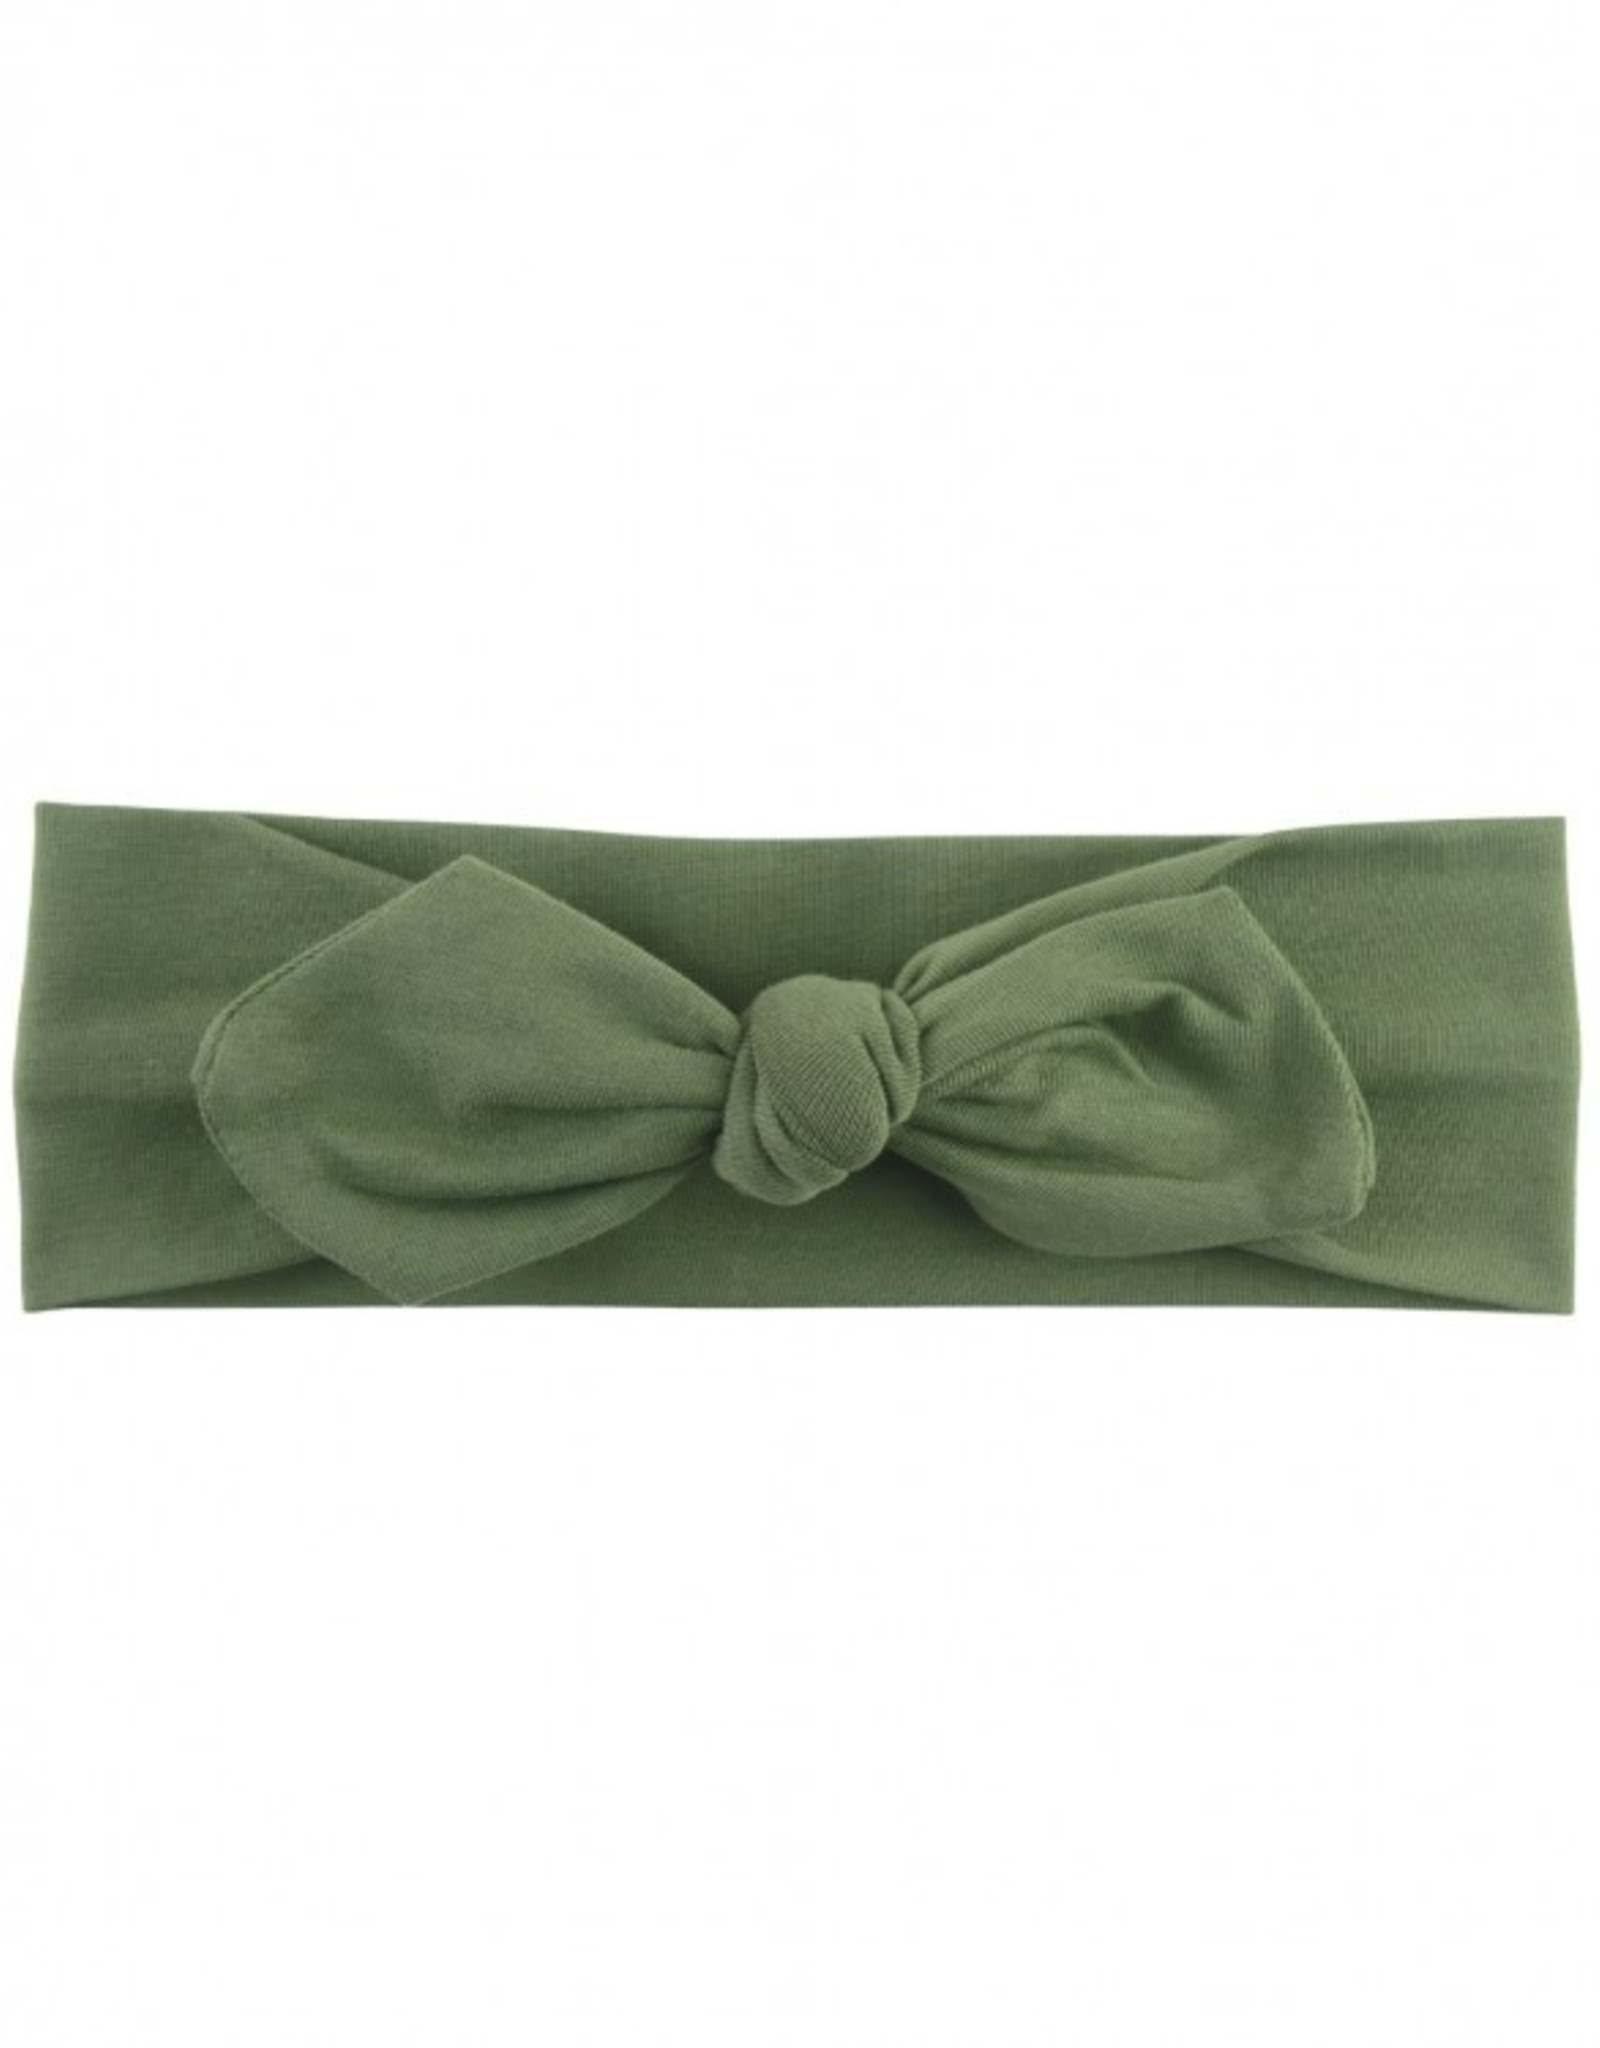 RuffleButts Moss Knotted Bow Headband